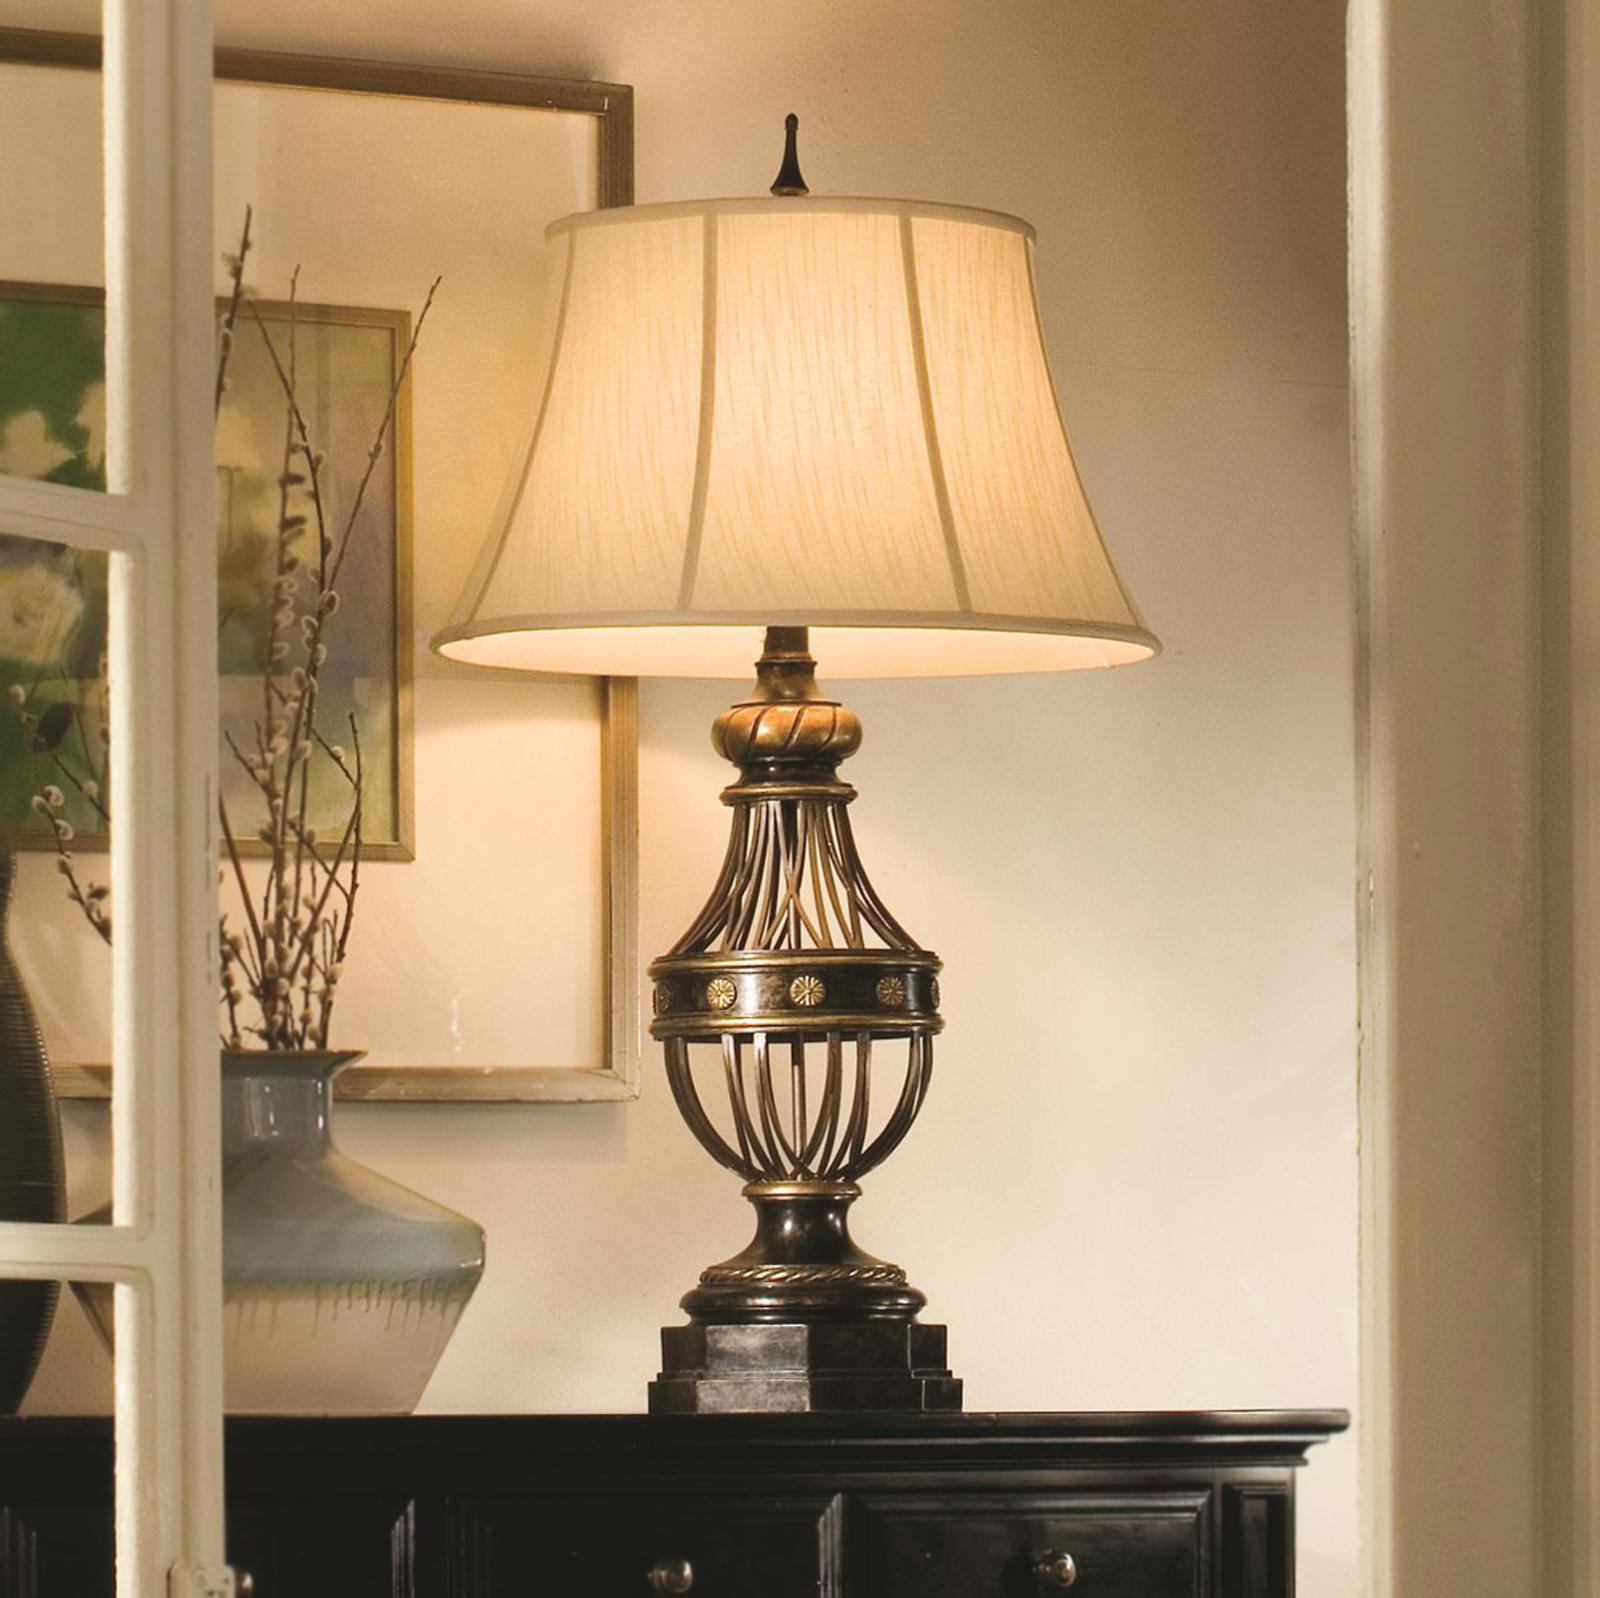 Měkce svíticí lampa Augustine na taburetky